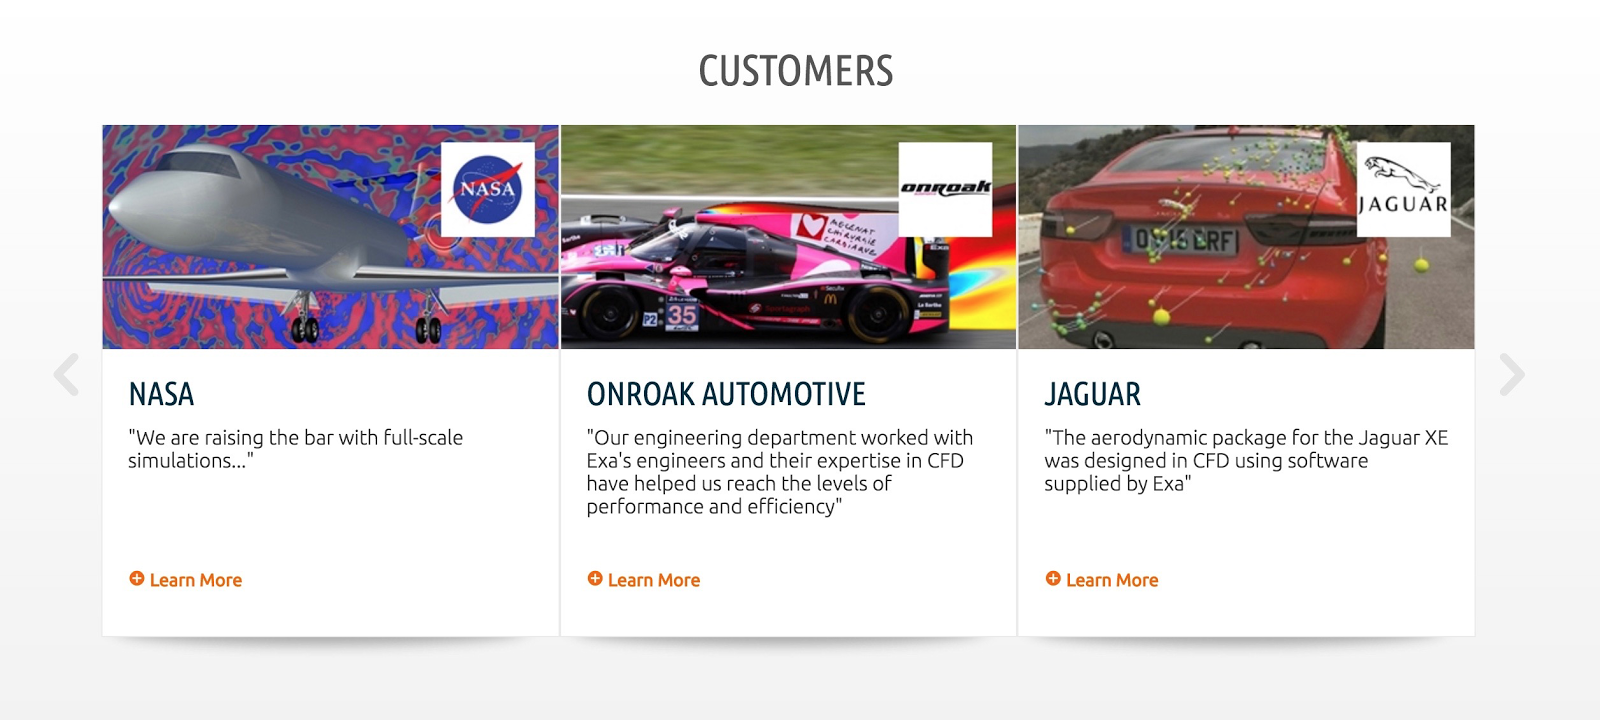 2016 Website Design Trends